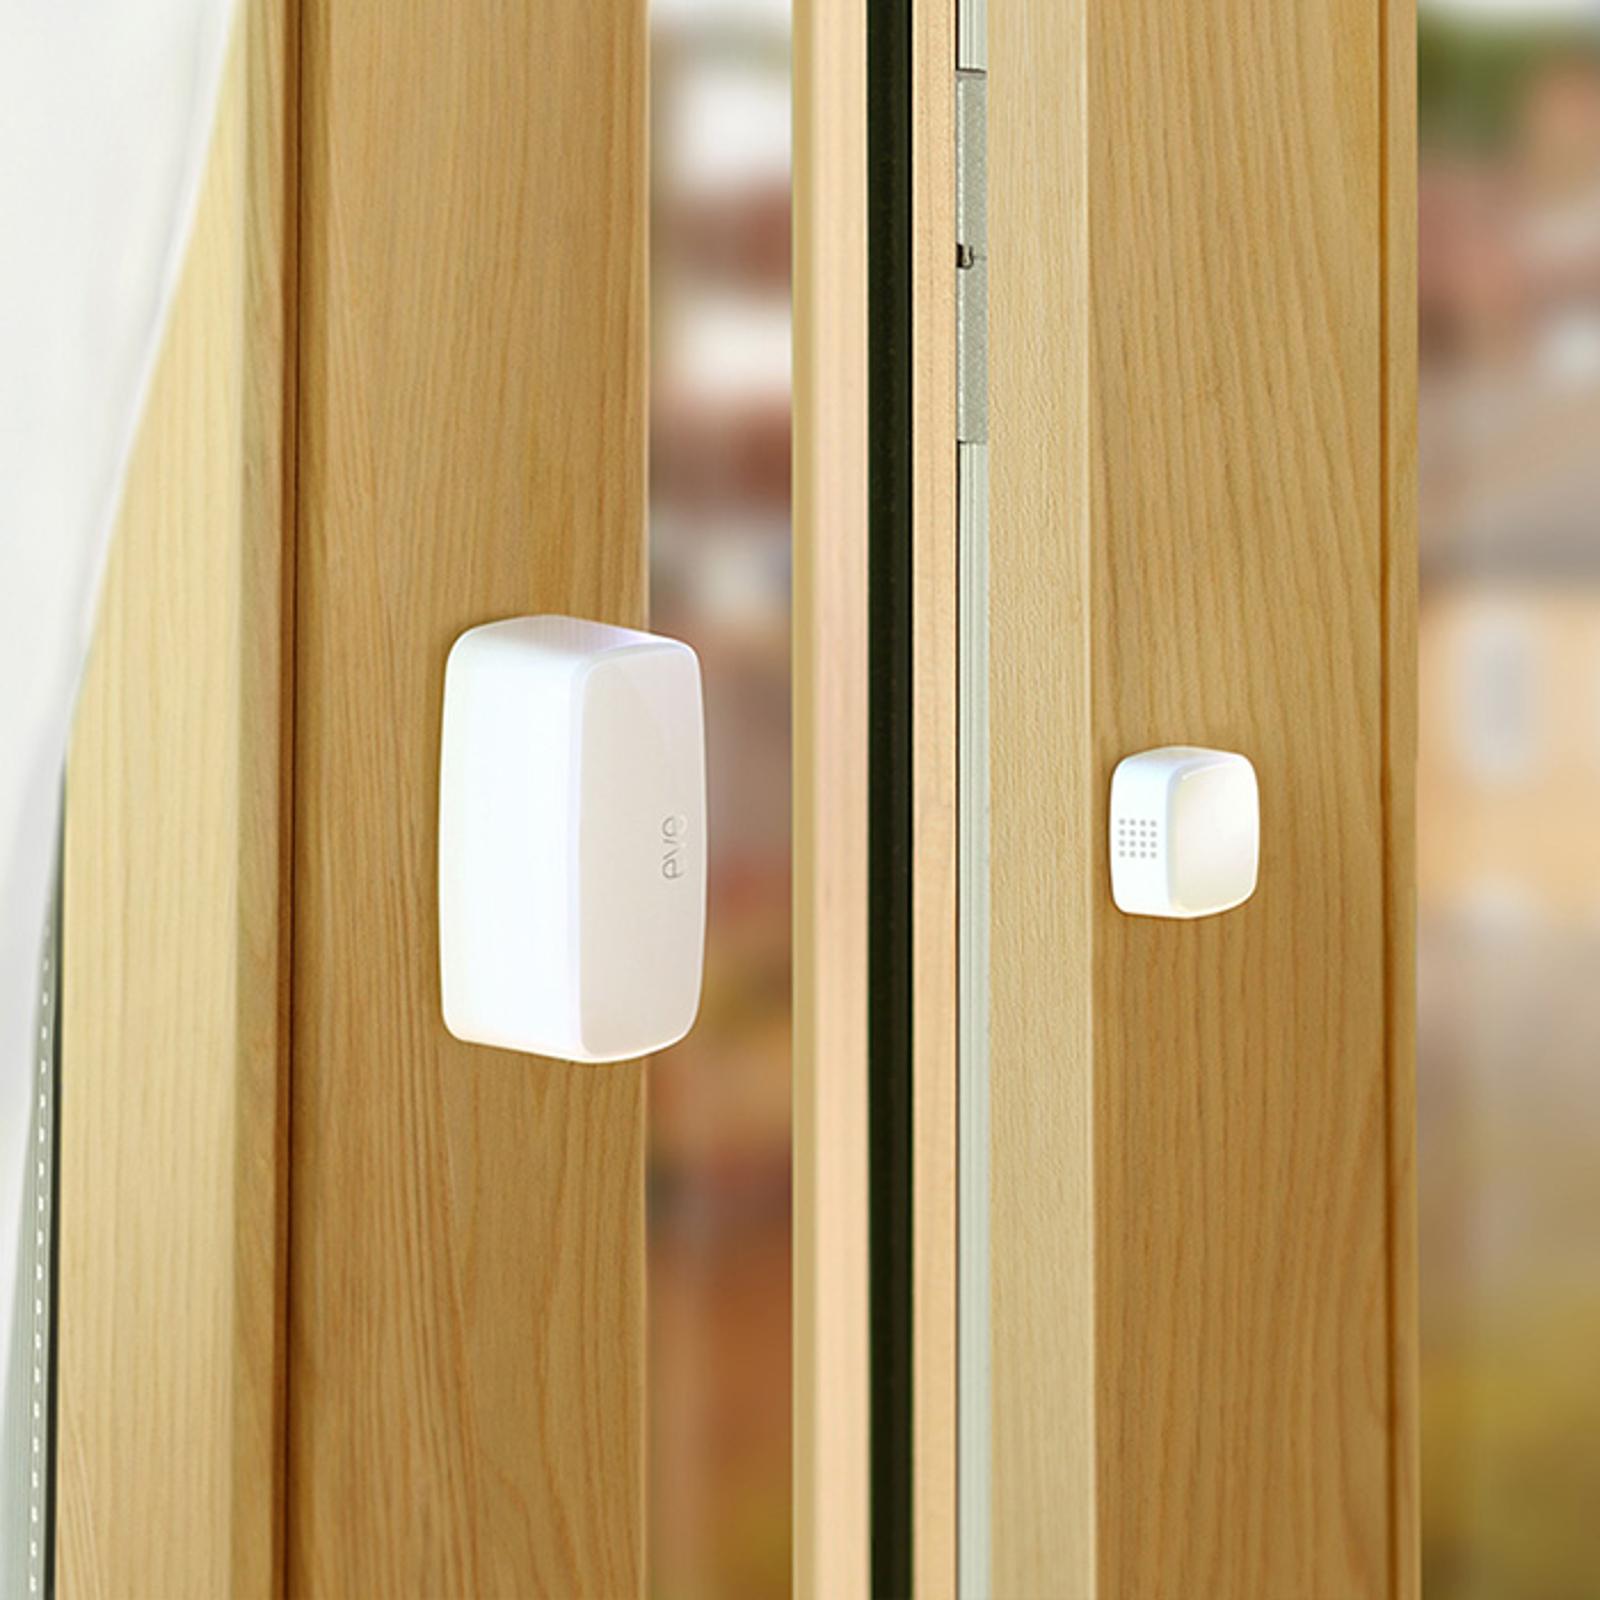 Eve Door & Window door/window sensor smart home_2029001_1